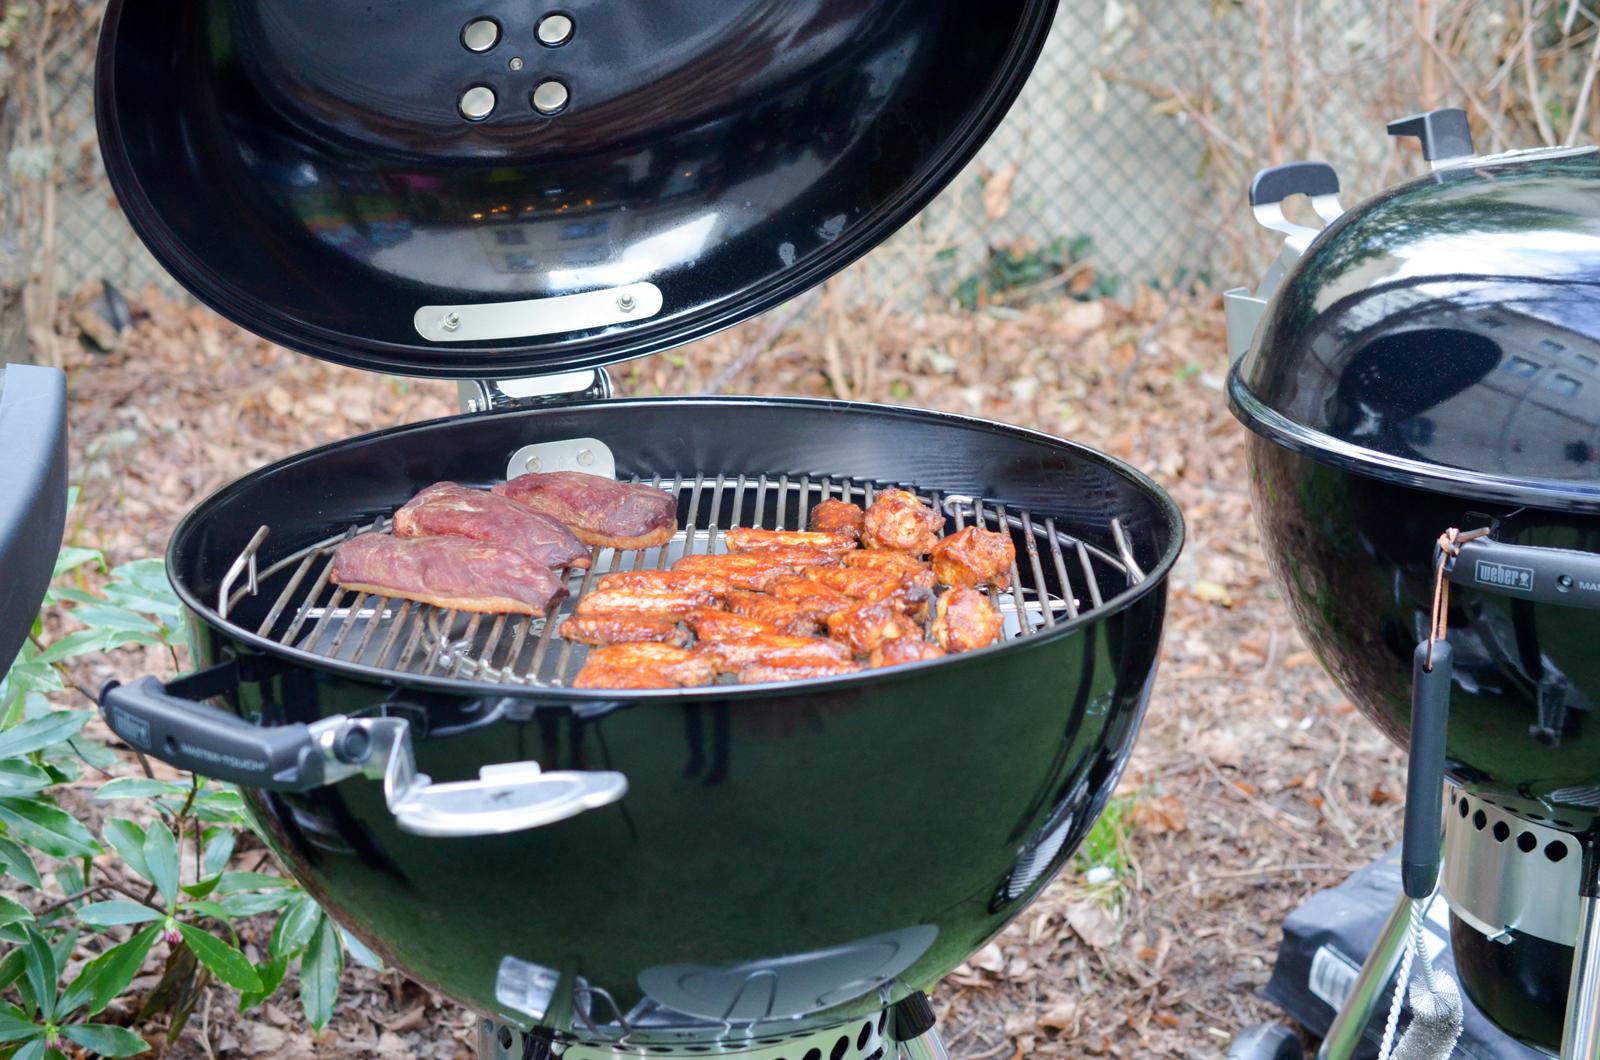 Des idées recettes originales pour barbecue Weber